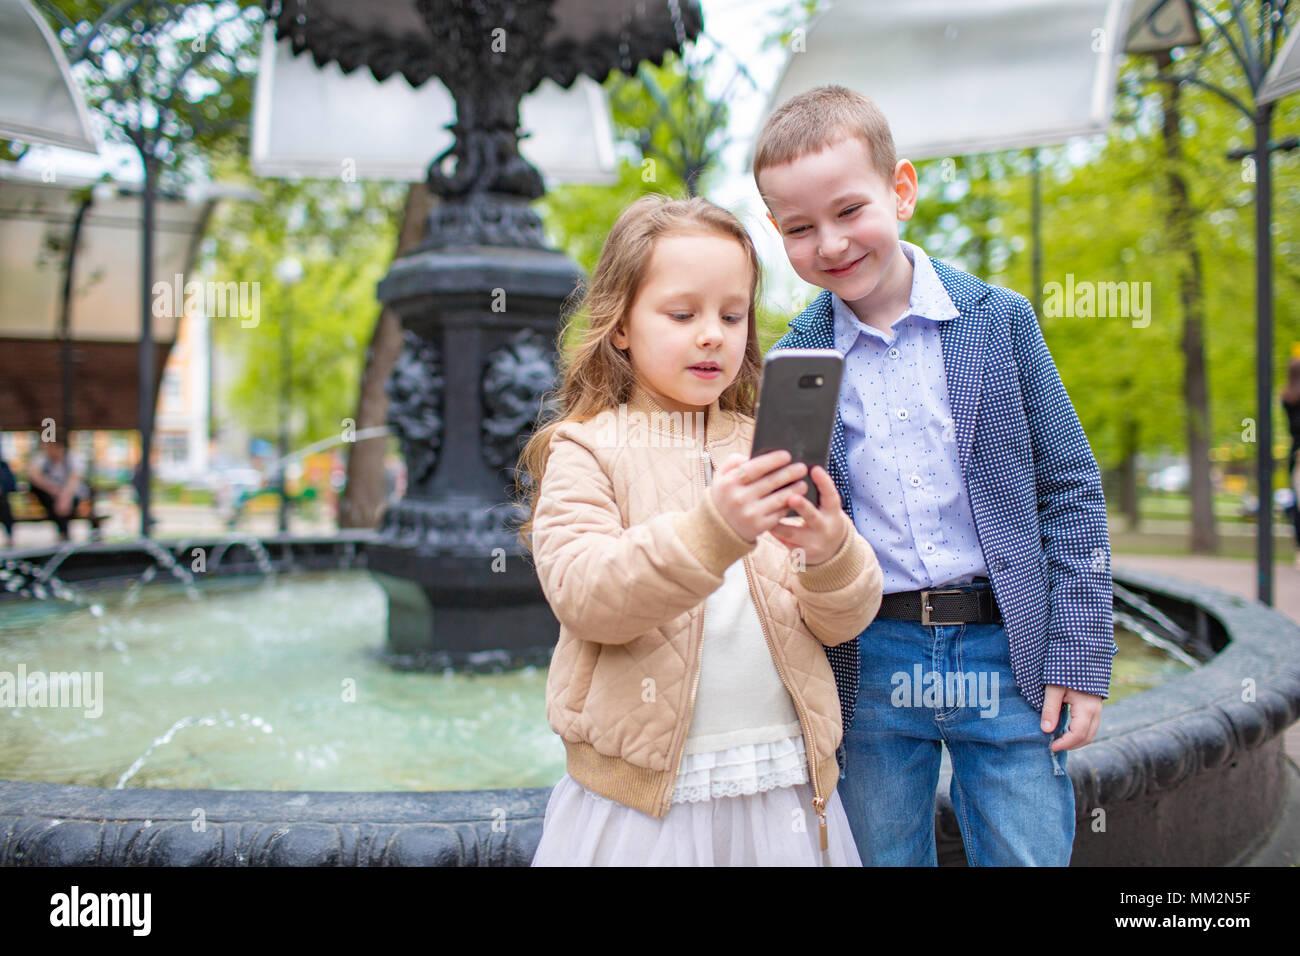 two little kids taking